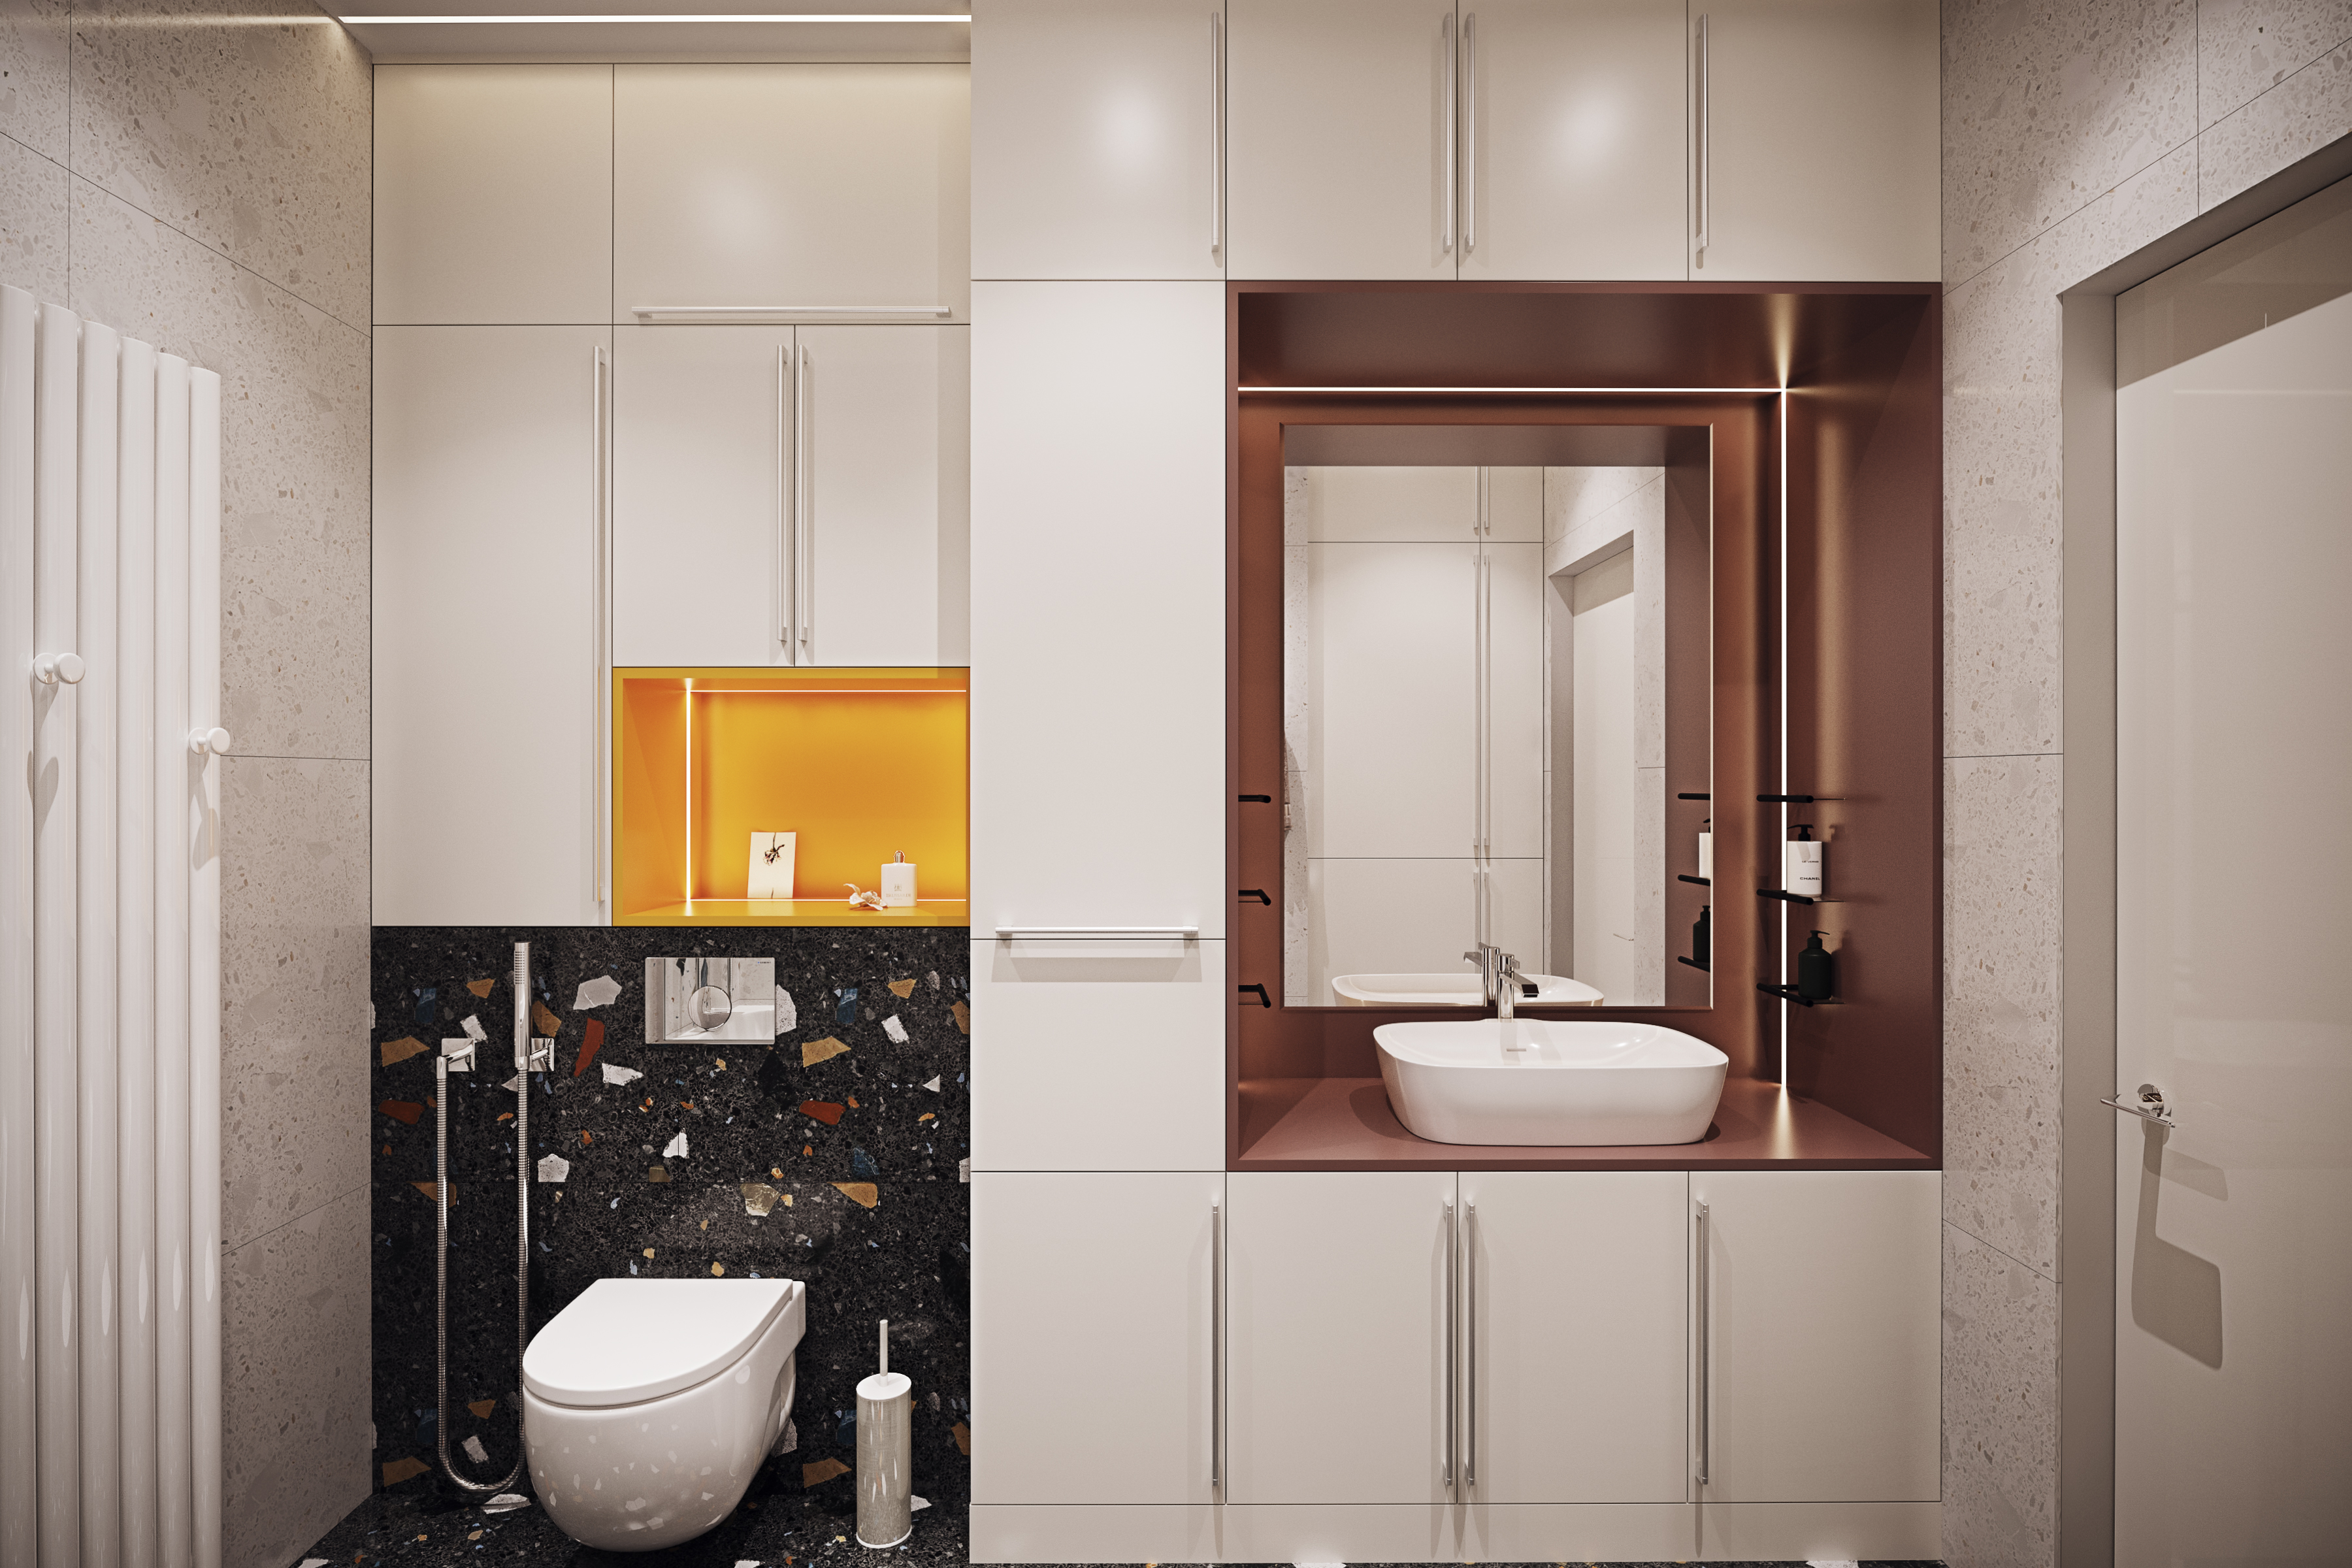 Дизайн ванной комнаты с яркими акцентами в ЖК Маяковский